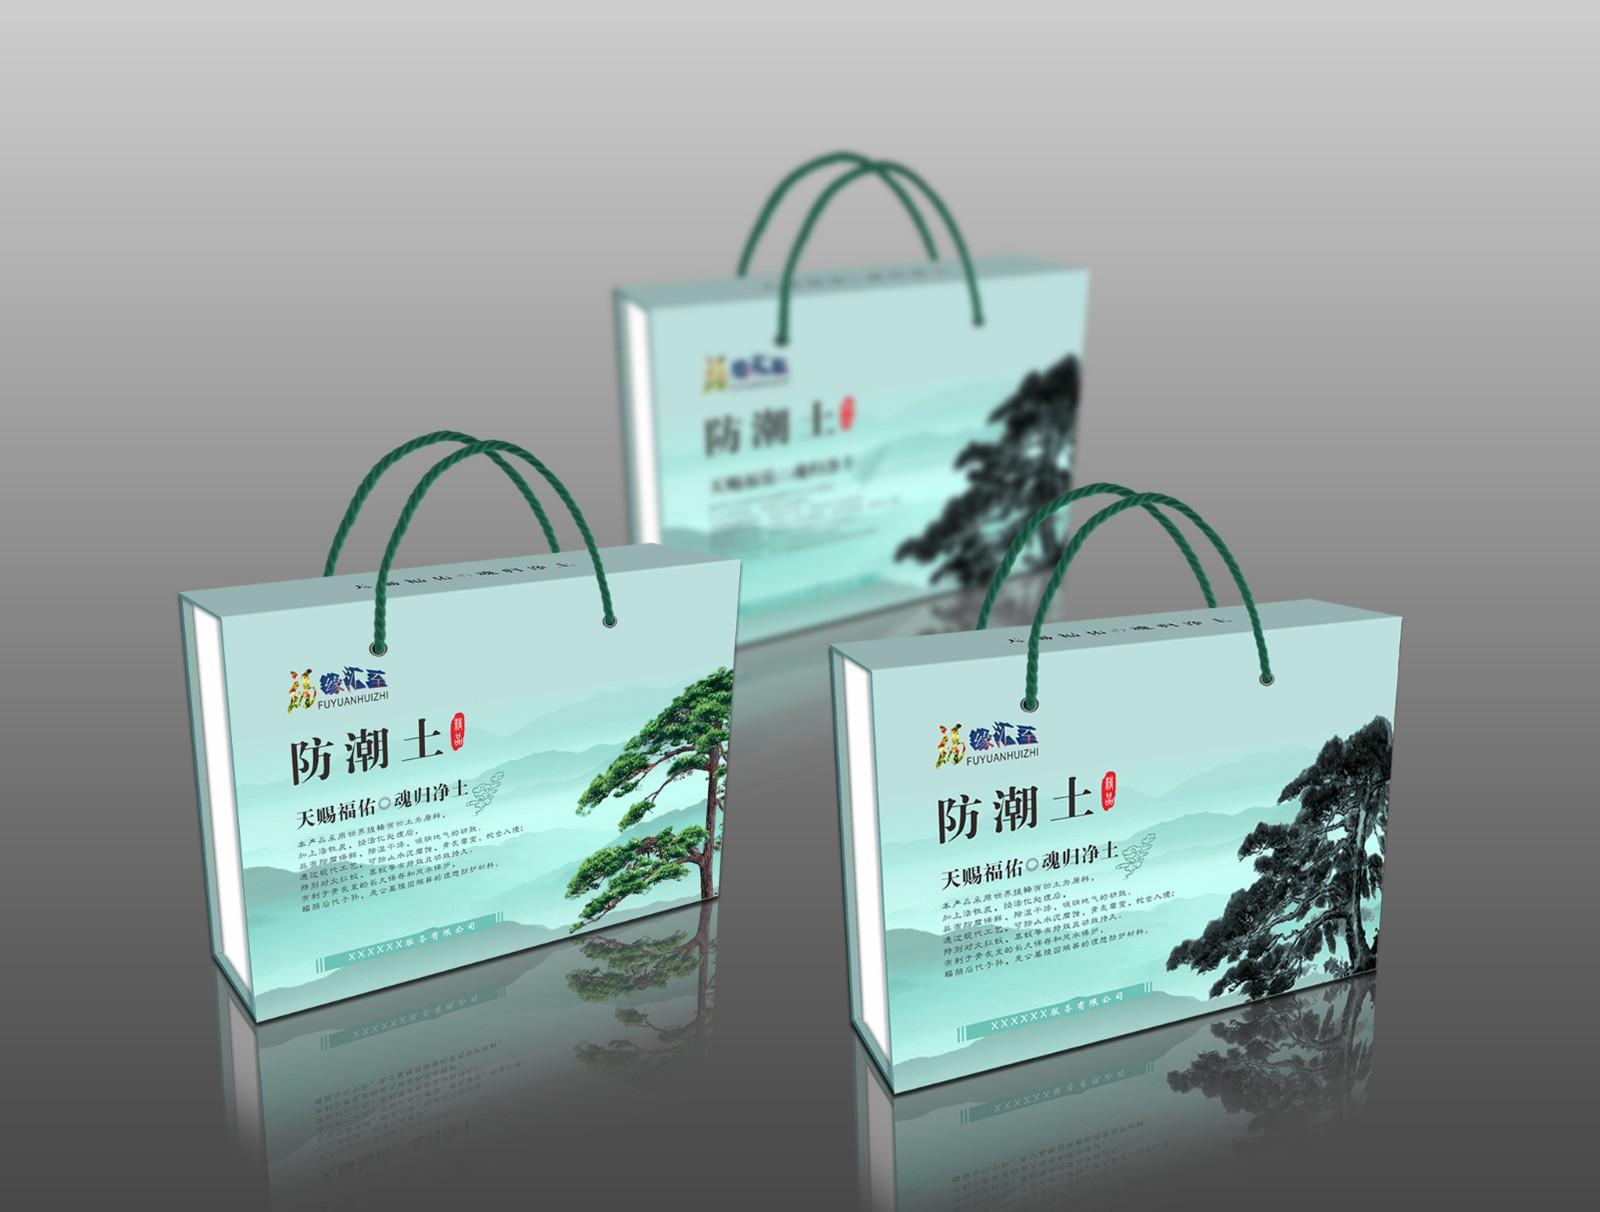 近期武汉礼品包装盒案例图分享|公司资讯-武汉玉麒麟包装有限公司